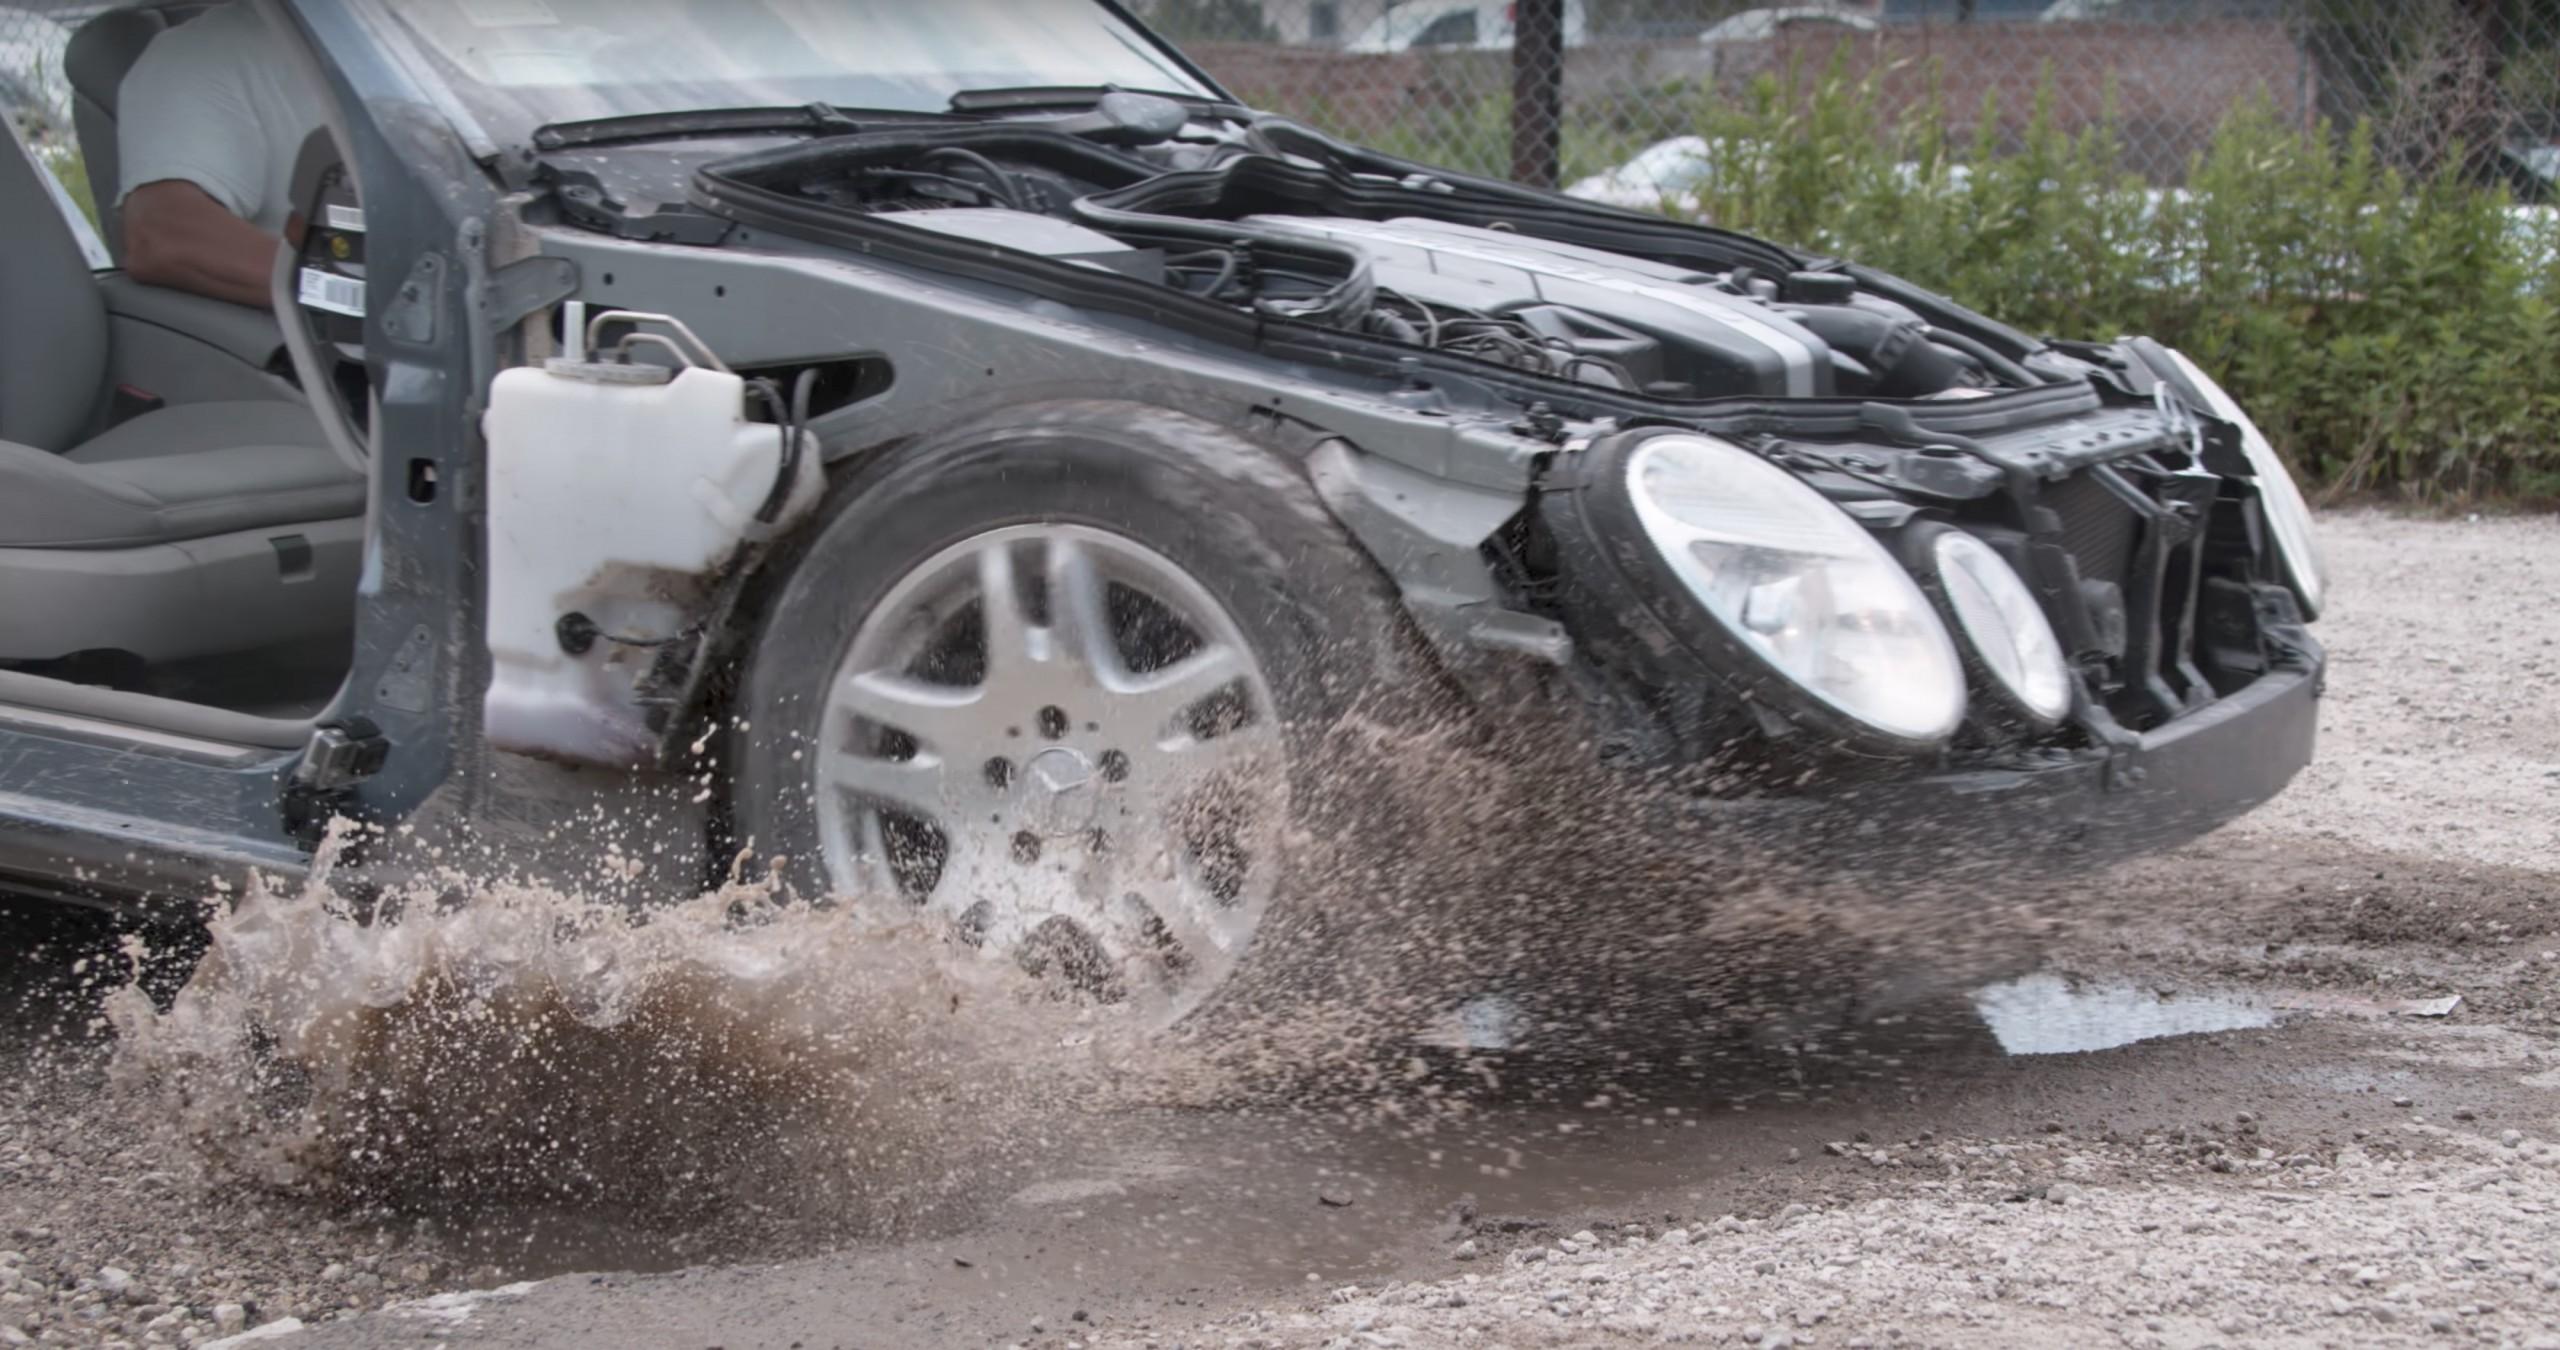 Mercedes-Benz E320 teste suspensão WP reprodução Youtube